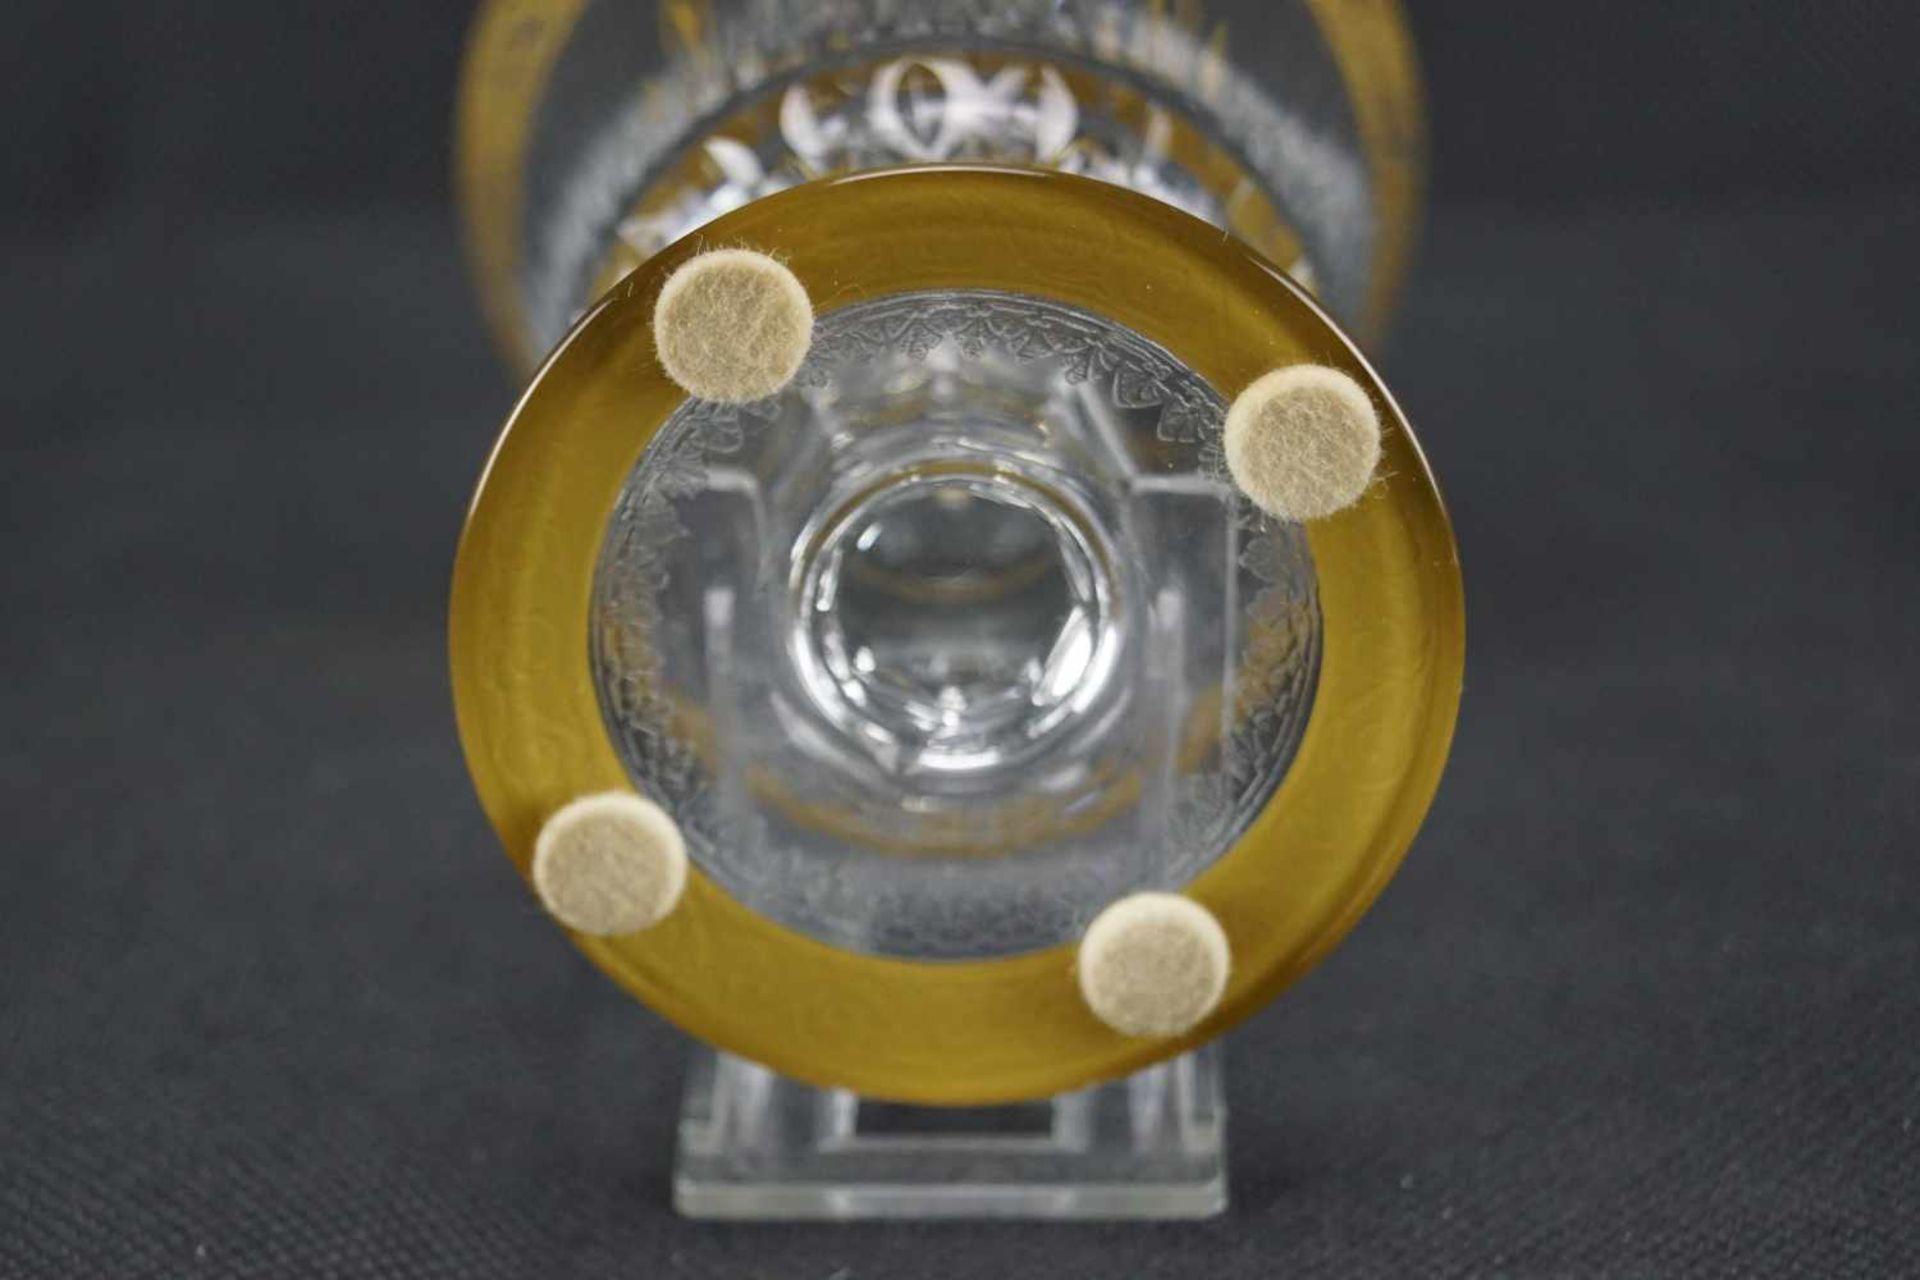 Dekantierkaraffe, Saint Louis Serie Thistle Gold, Höhe 27 cm, minimaler Goldabrieb, ansonsten - Bild 3 aus 3